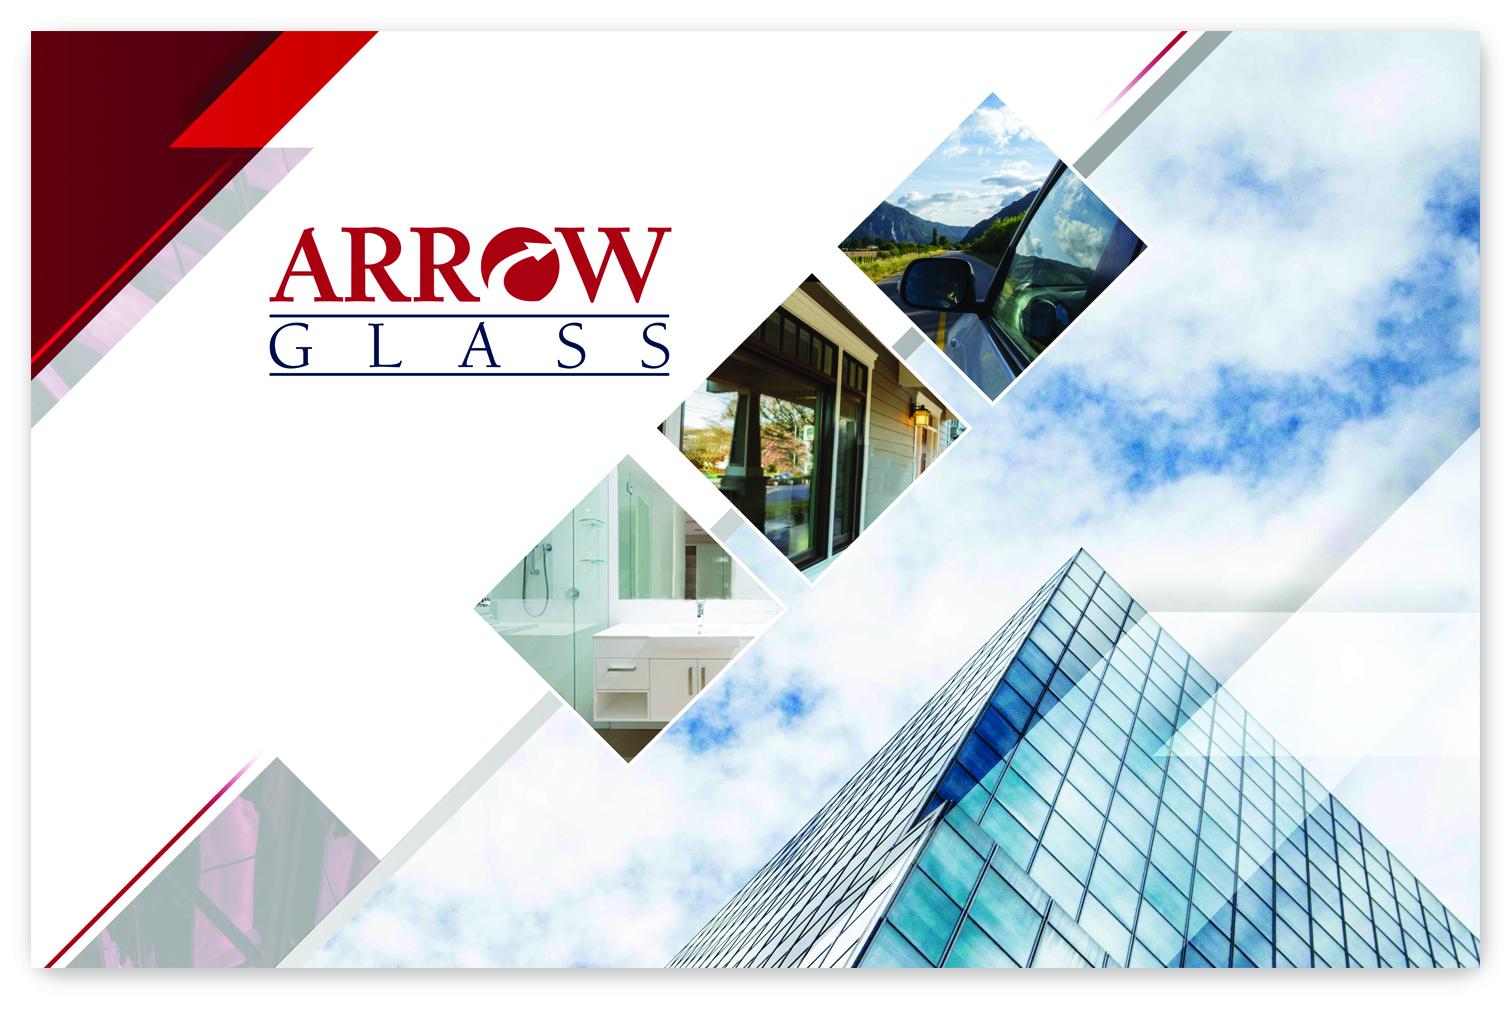 ArrowGlassBanner_2.jpg